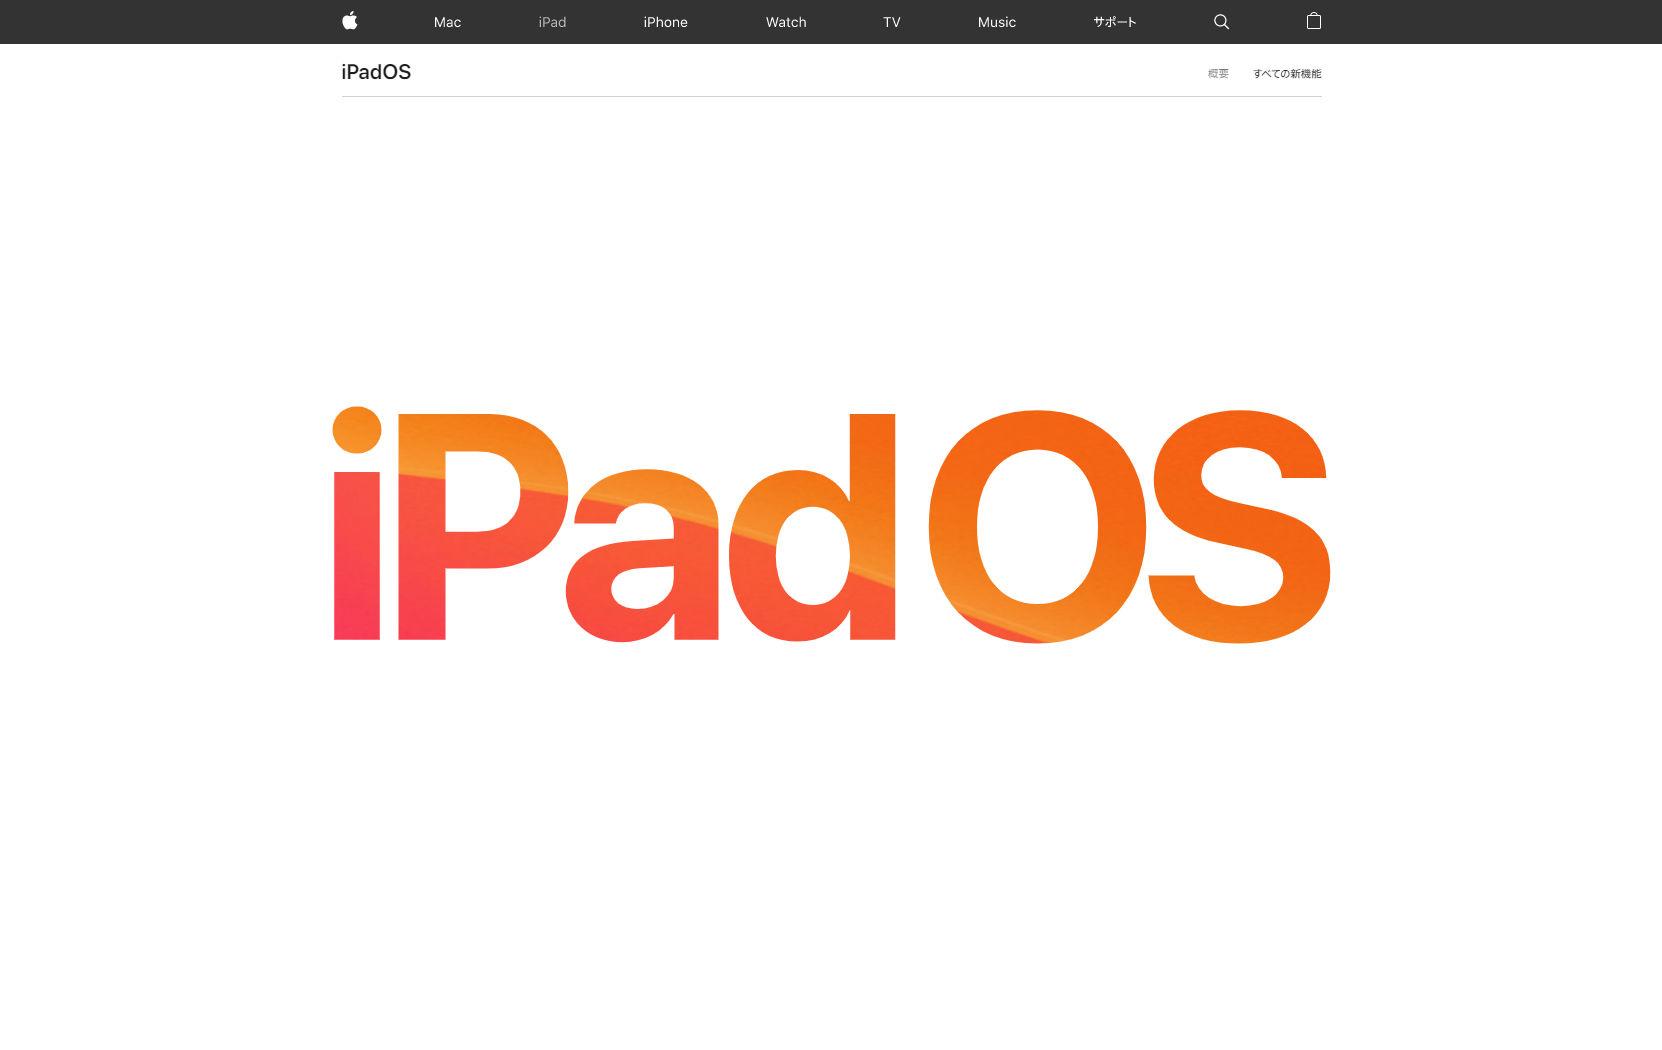 Apple 公式サイトから引用